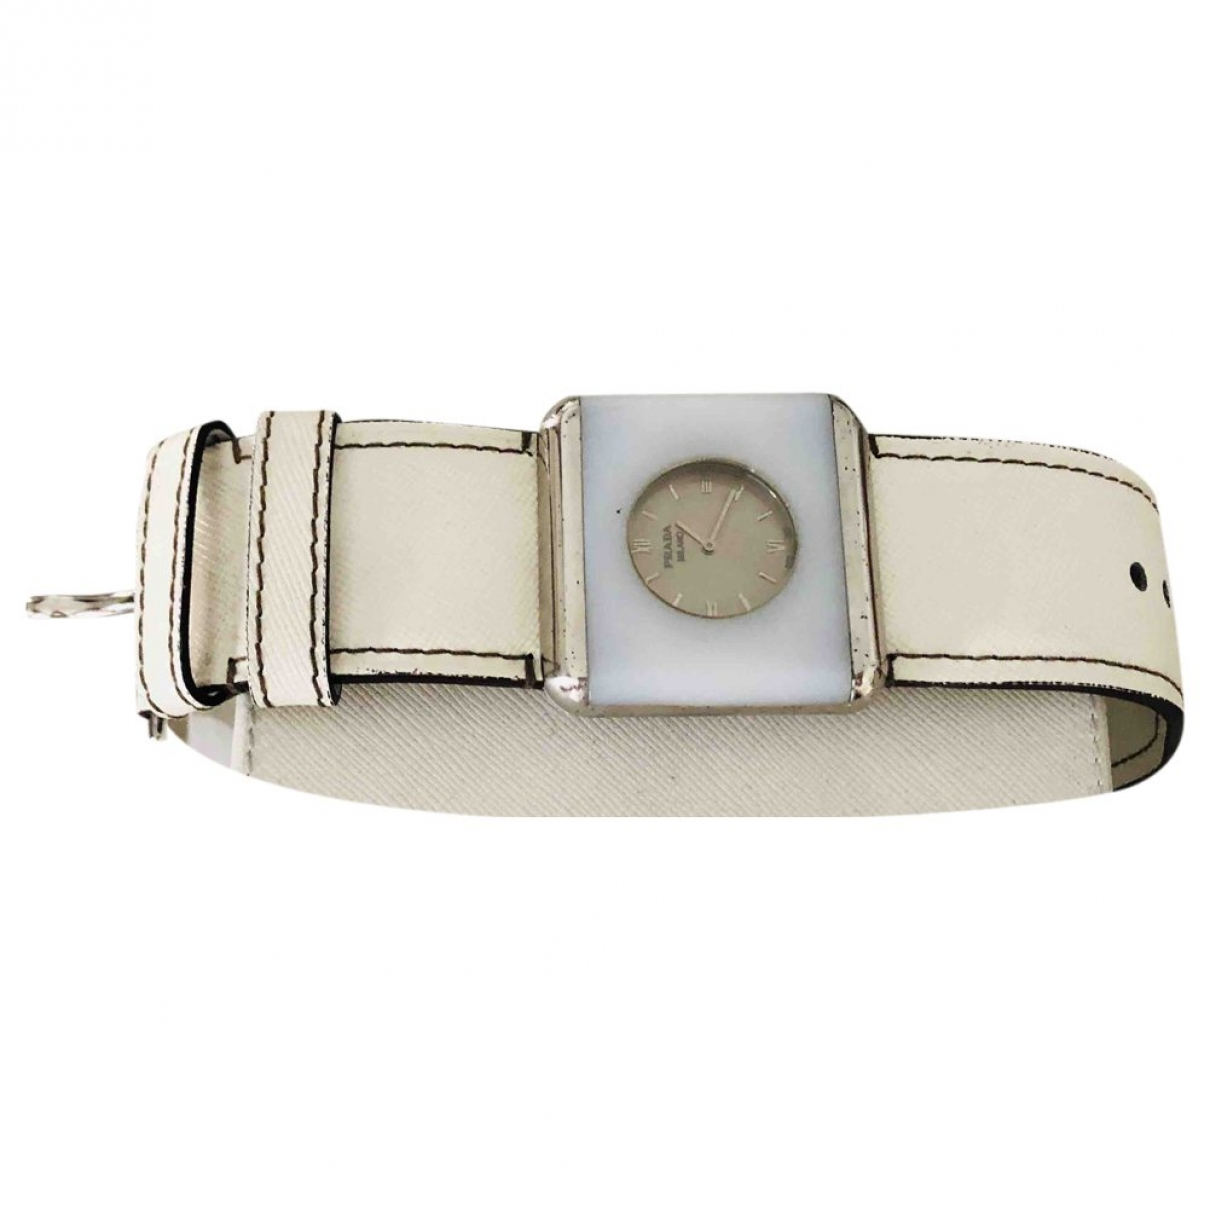 Prada \N Steel watch for Women \N